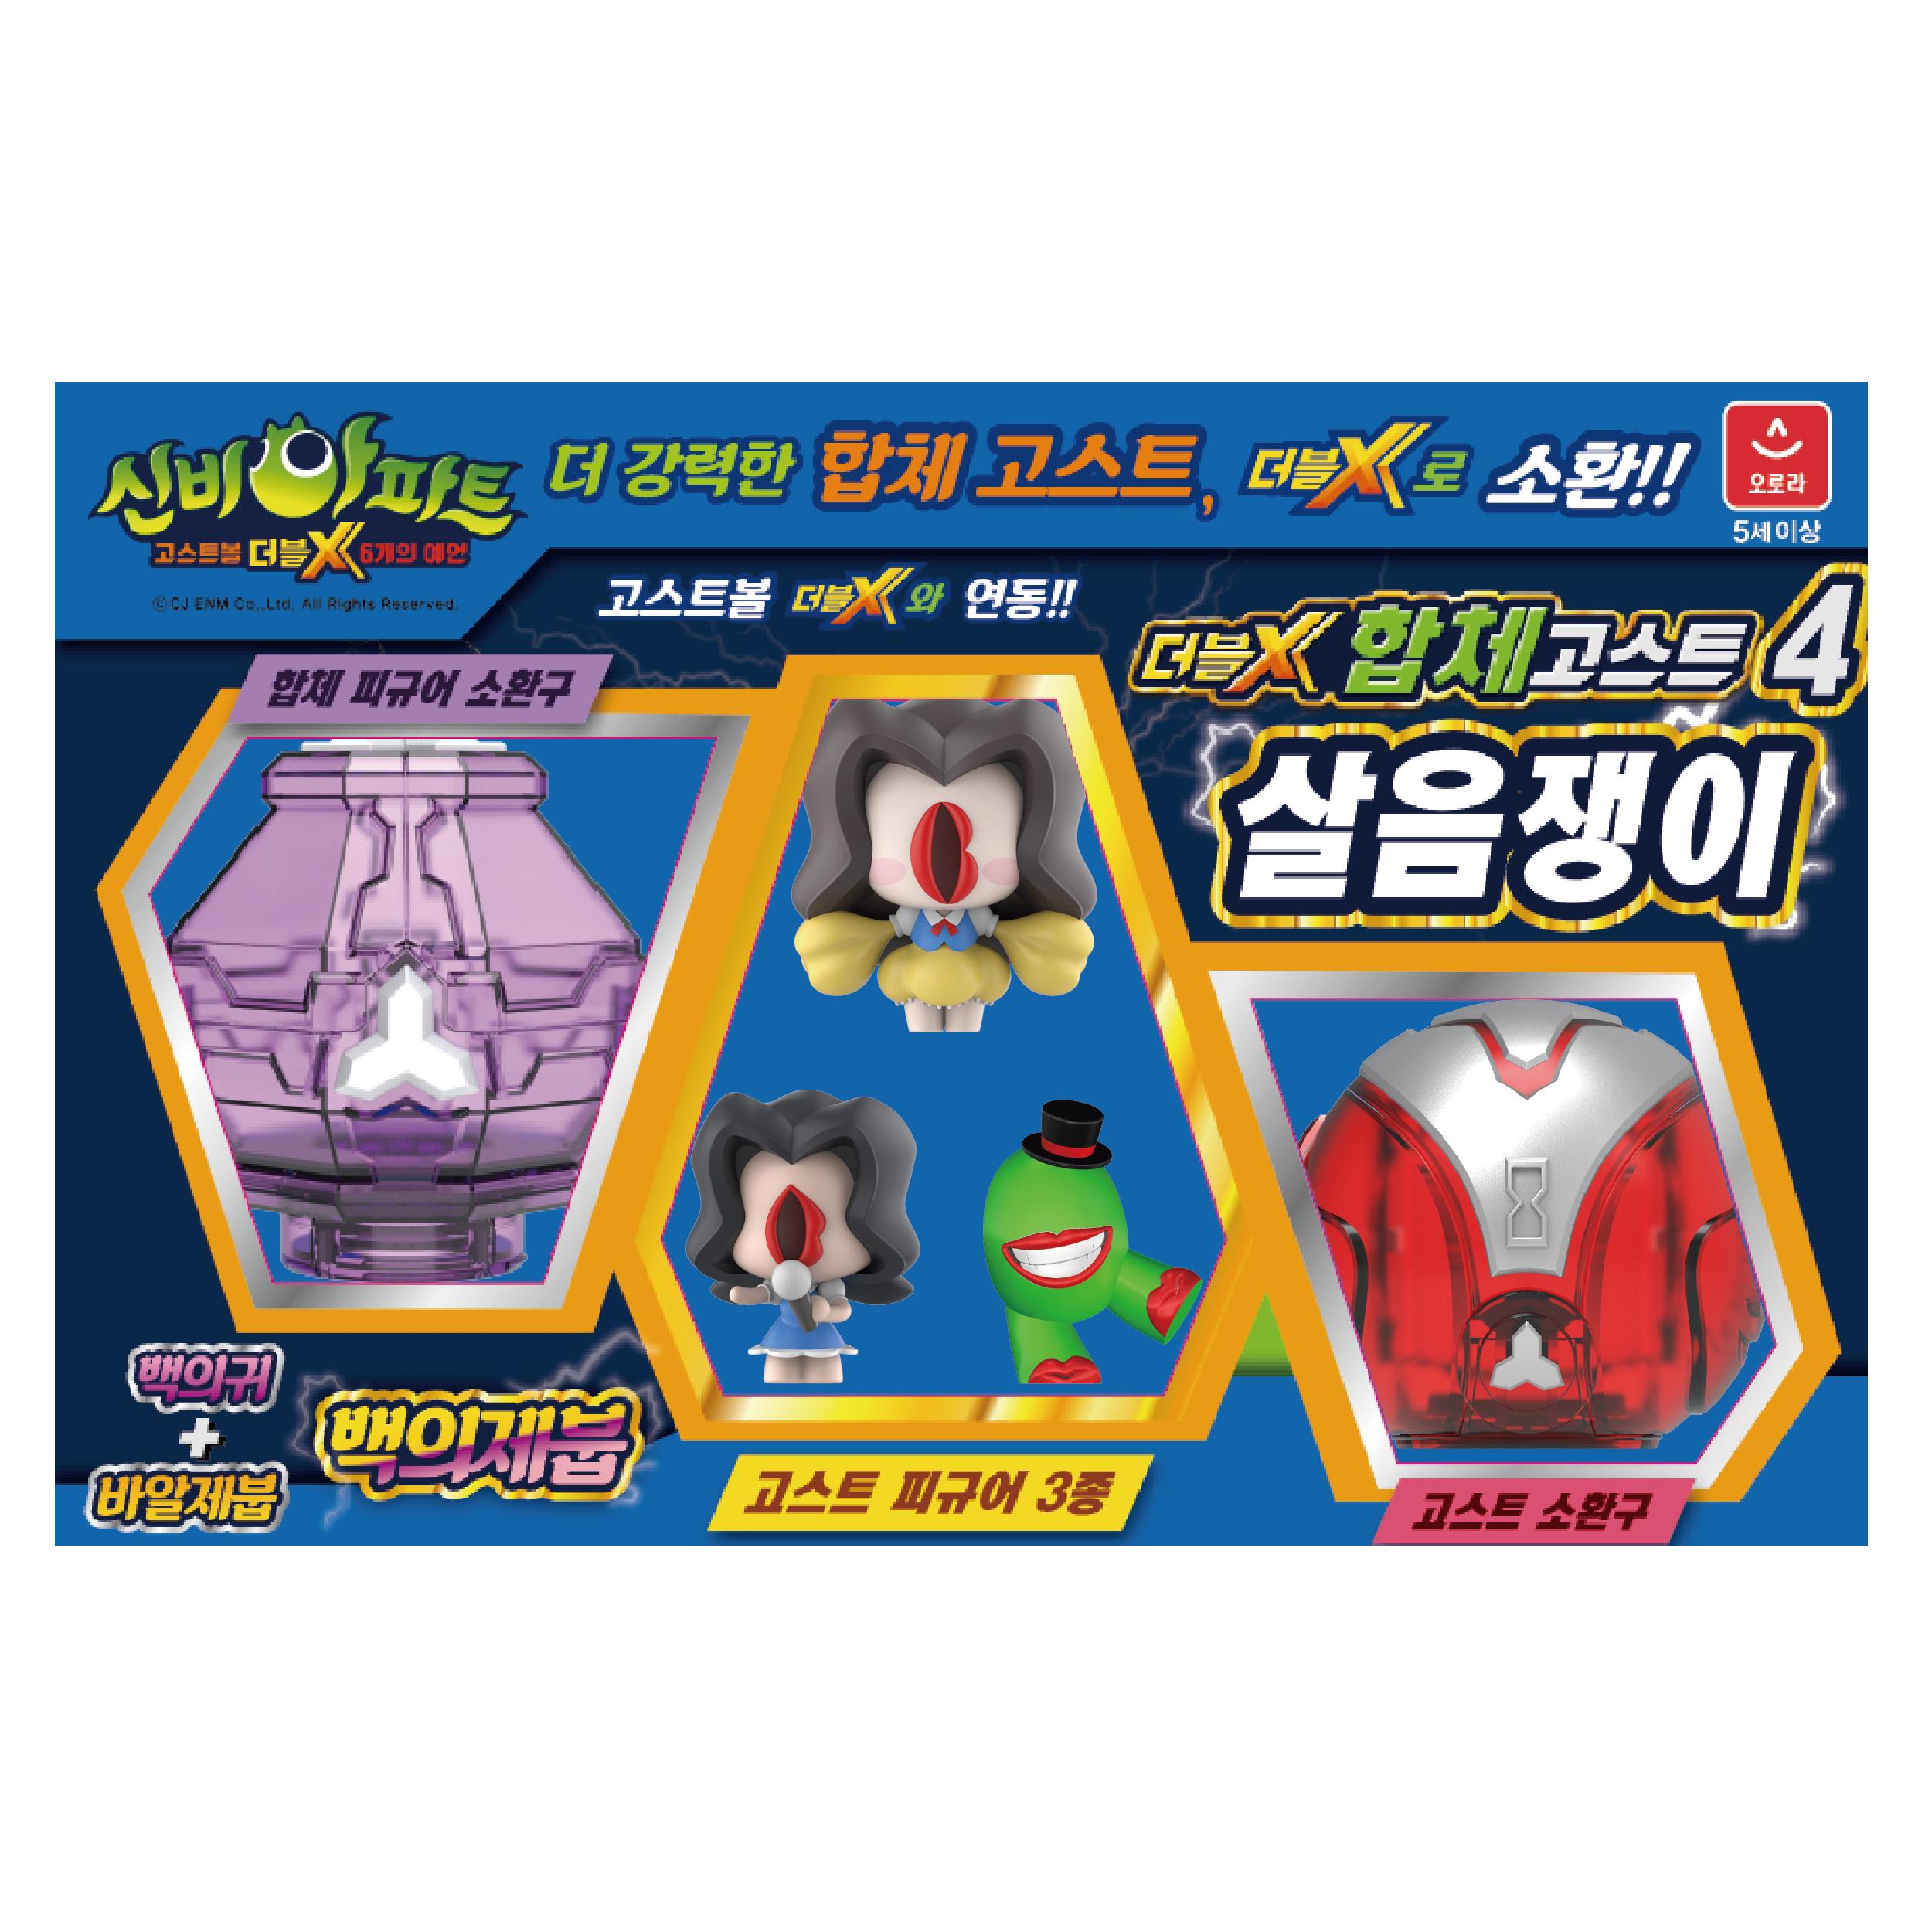 신비아파트 3 더블X 합체 피규어 고스트 컬렉션 4번 살음쟁이, 1세트